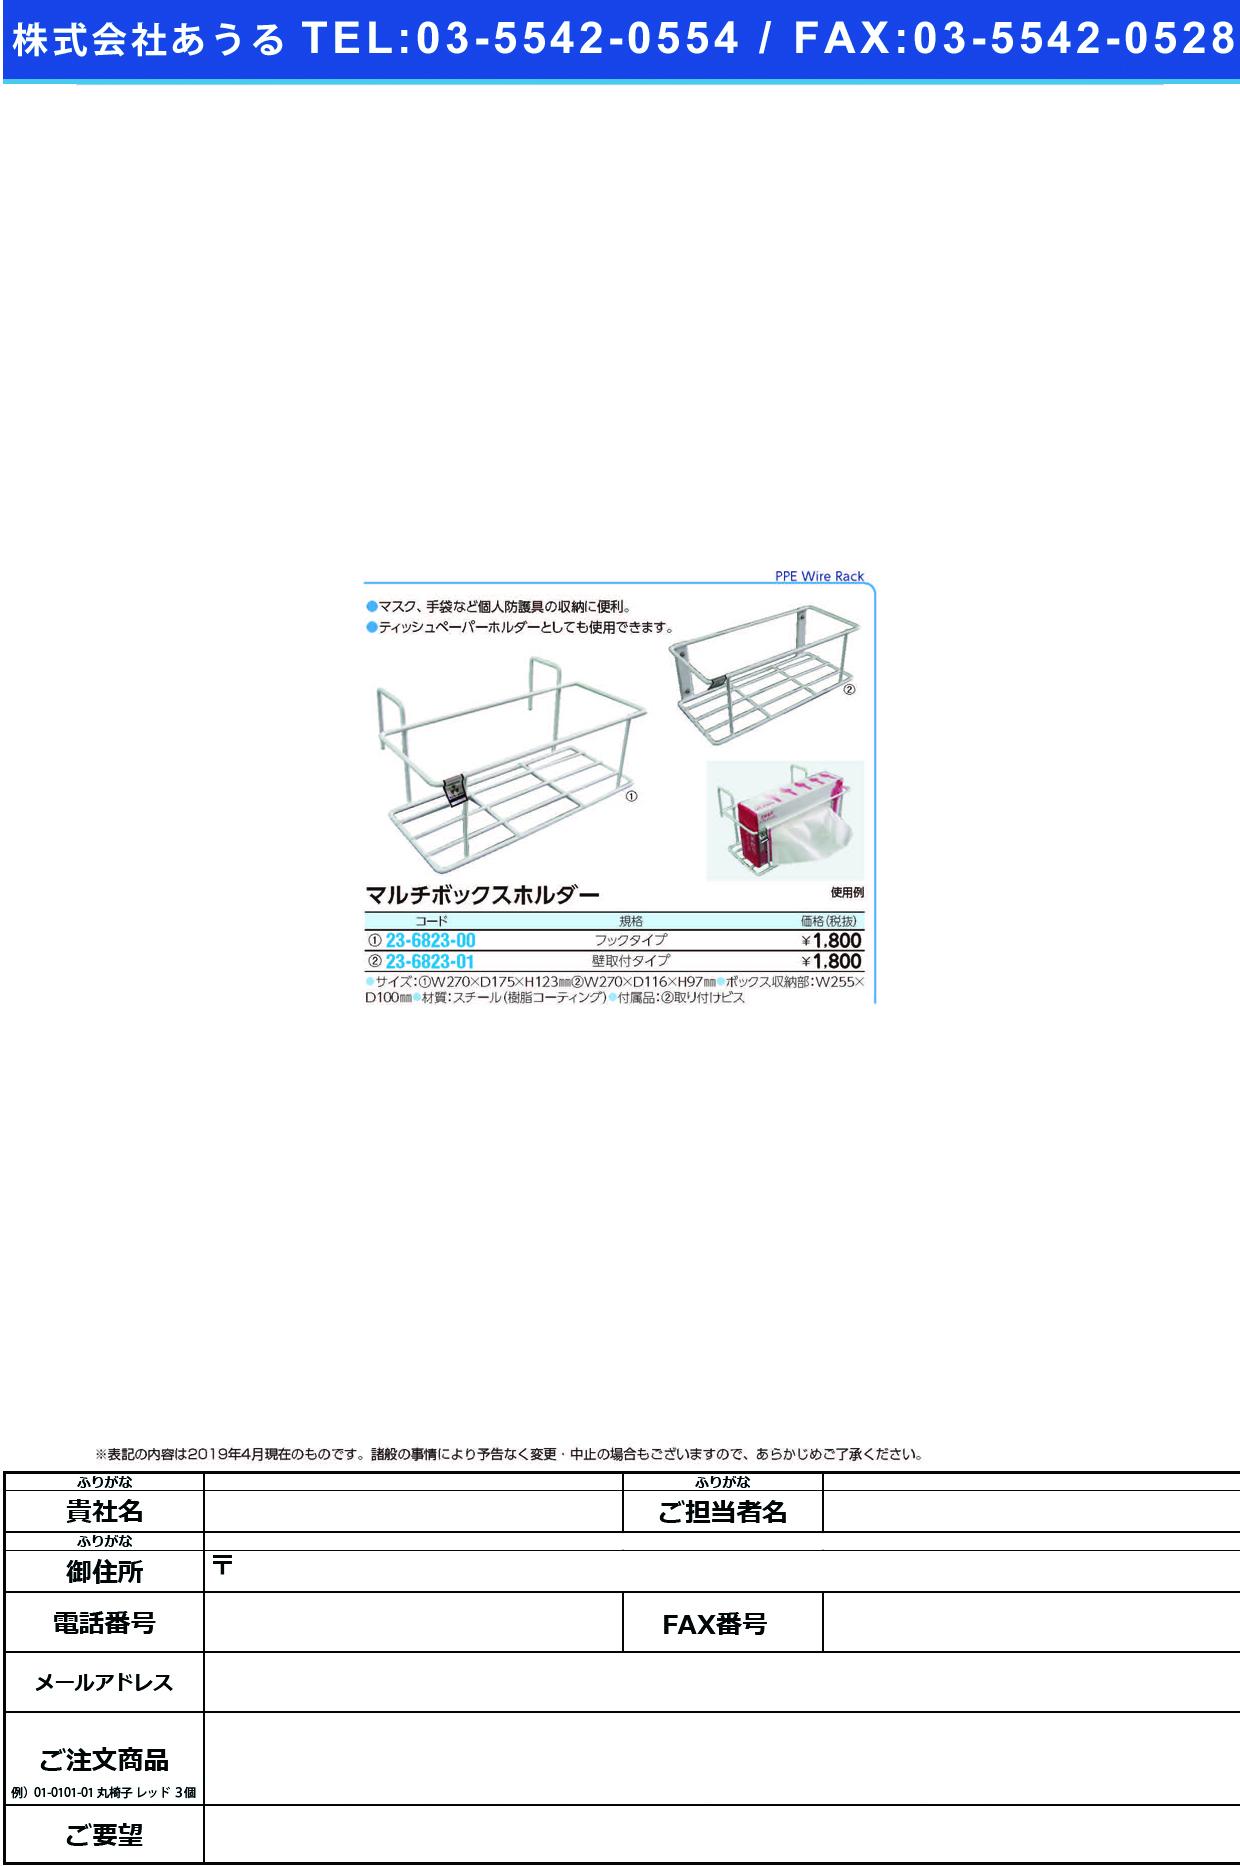 (23-6823-01)マルチボックスホルダー(壁取付タイプ W270XD116XH97MM マルチボックスホルダー【1個単位】【2019年カタログ商品】